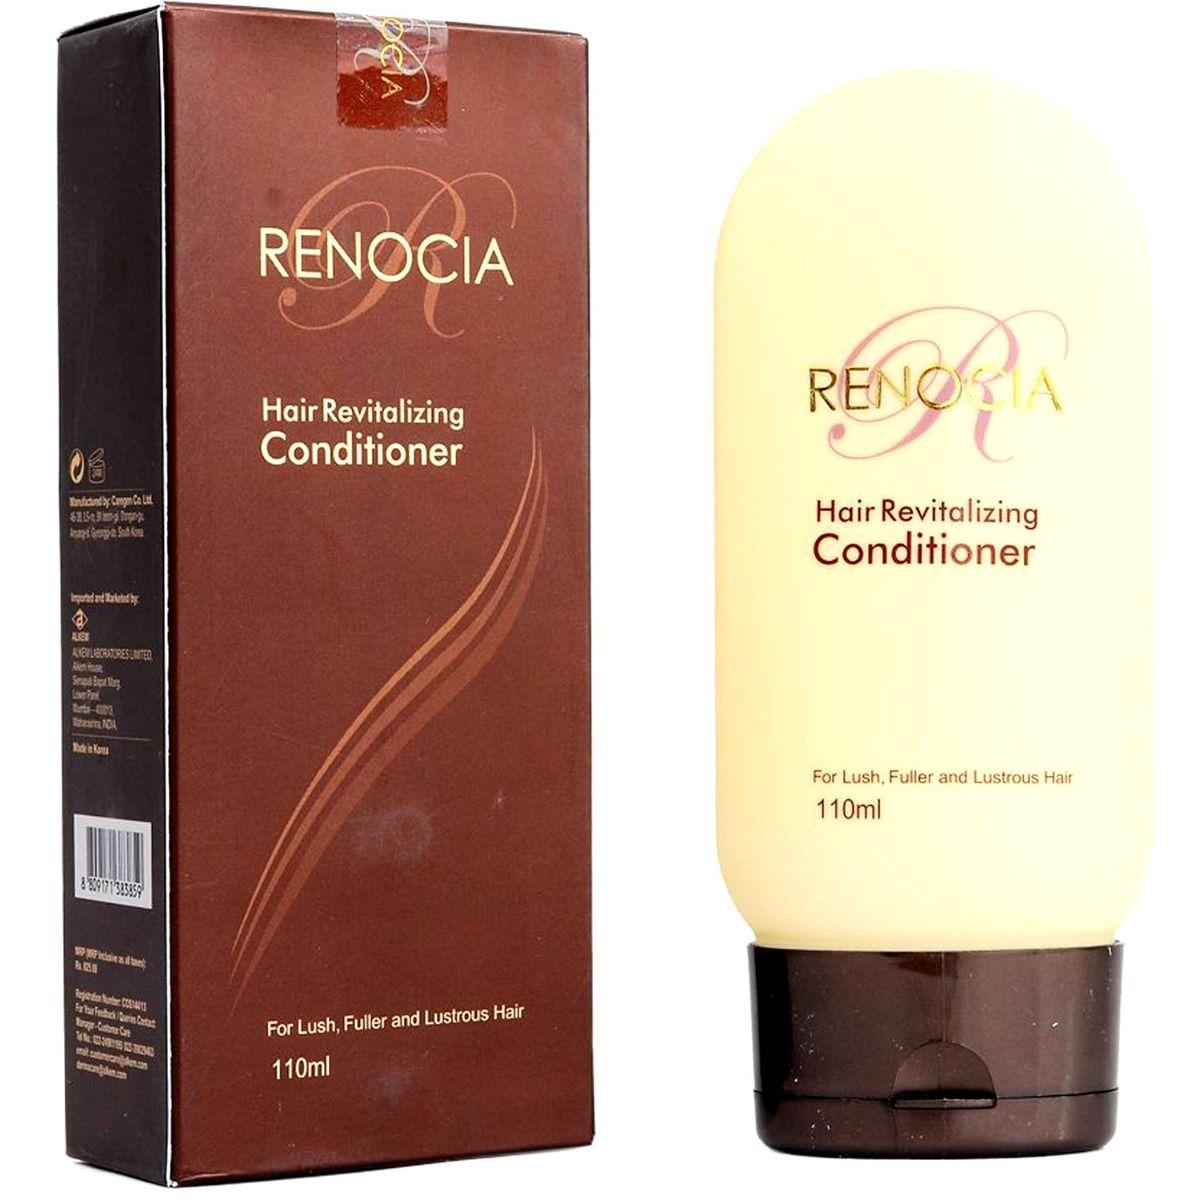 Renocia Hair Revitalizing Conditioner, 110 ml